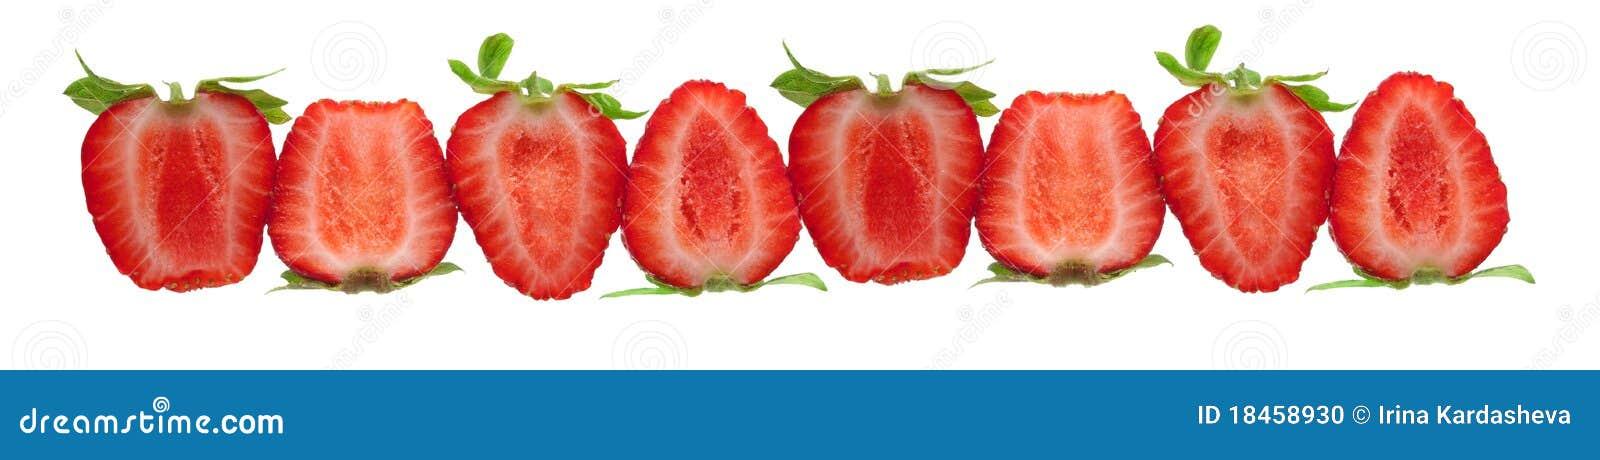 how to keep cut strawberries fresh